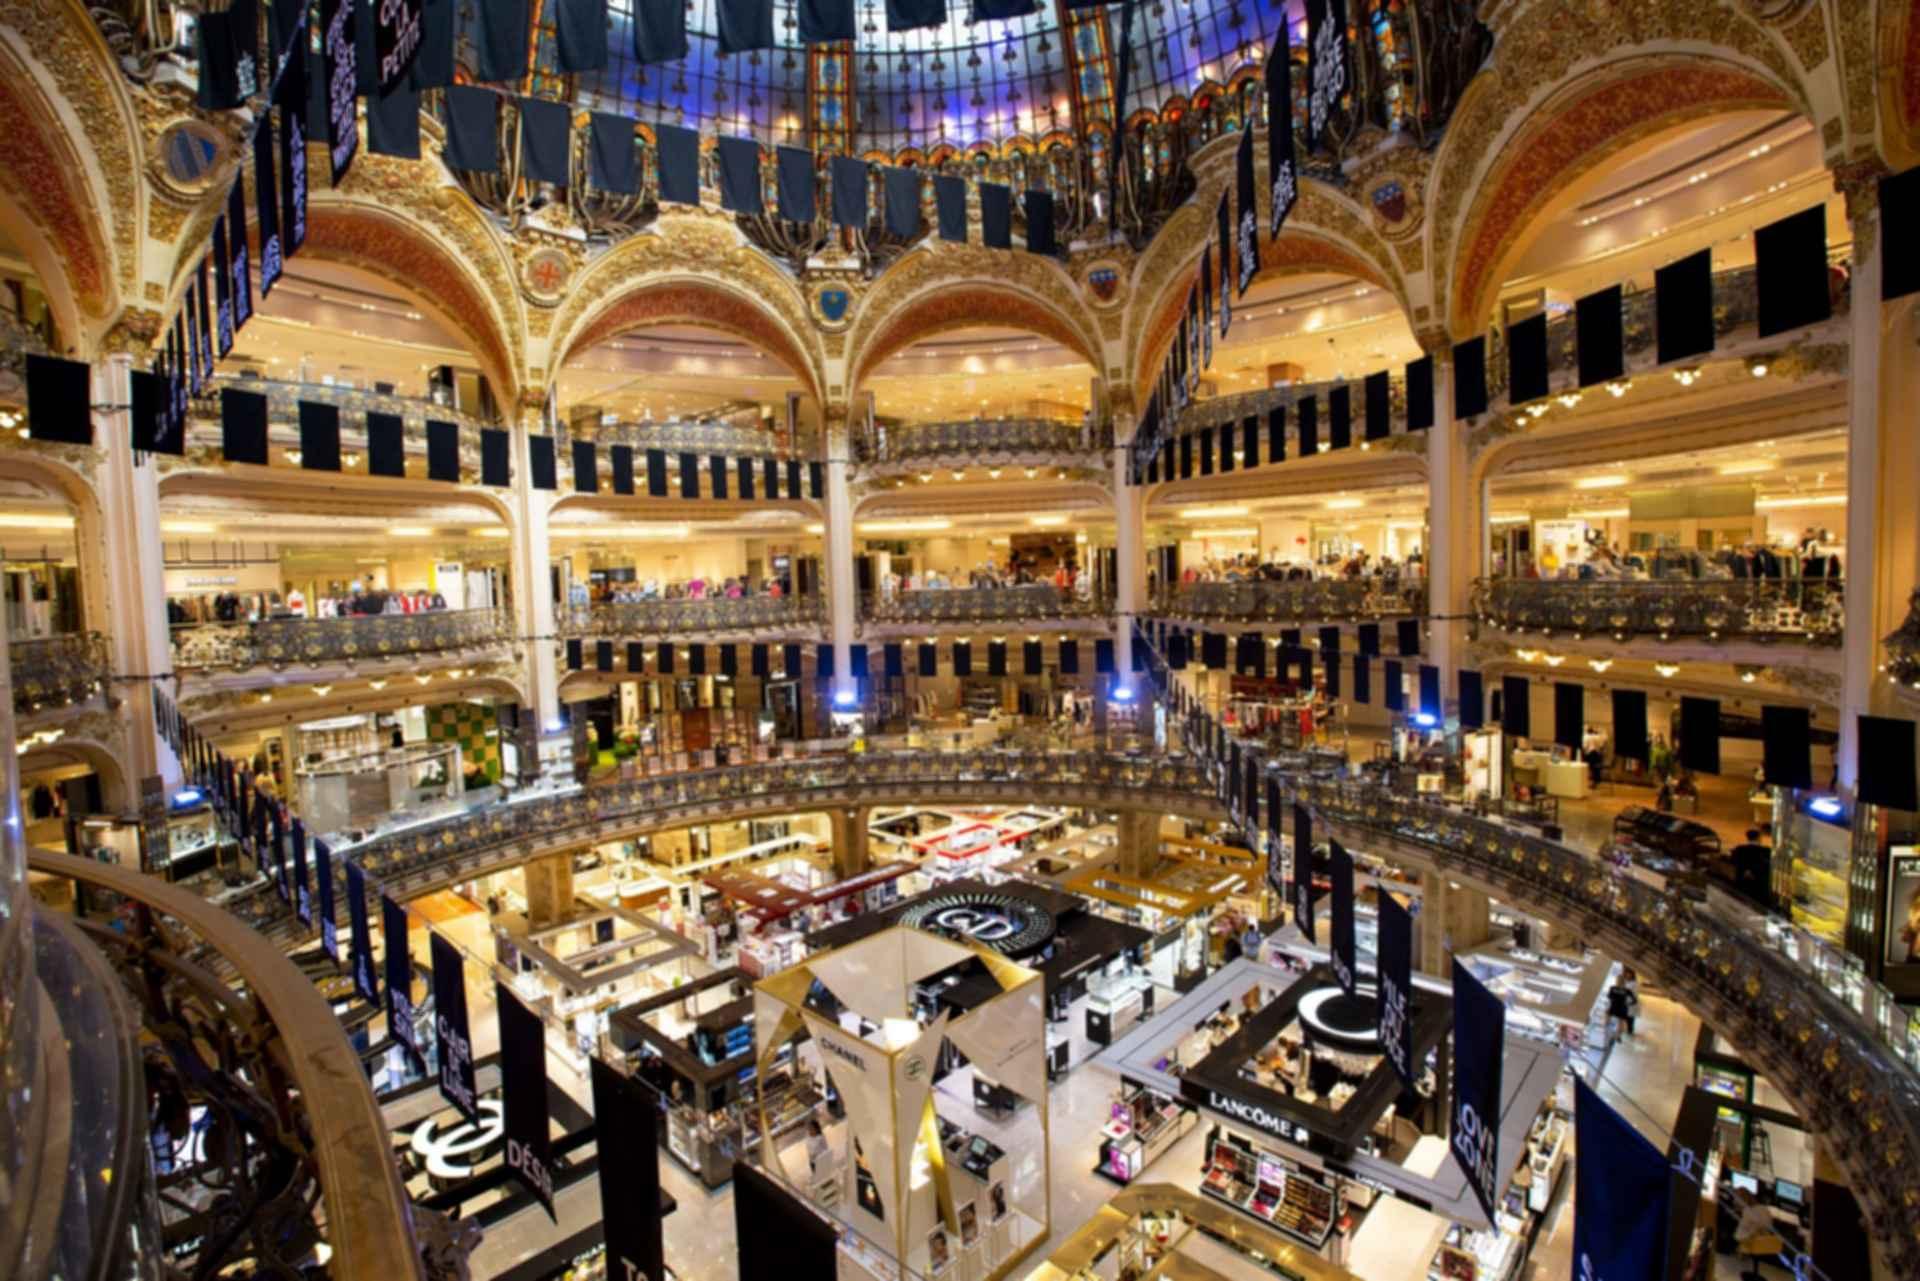 Galeries Lafayette Paris Haussmann - Interior